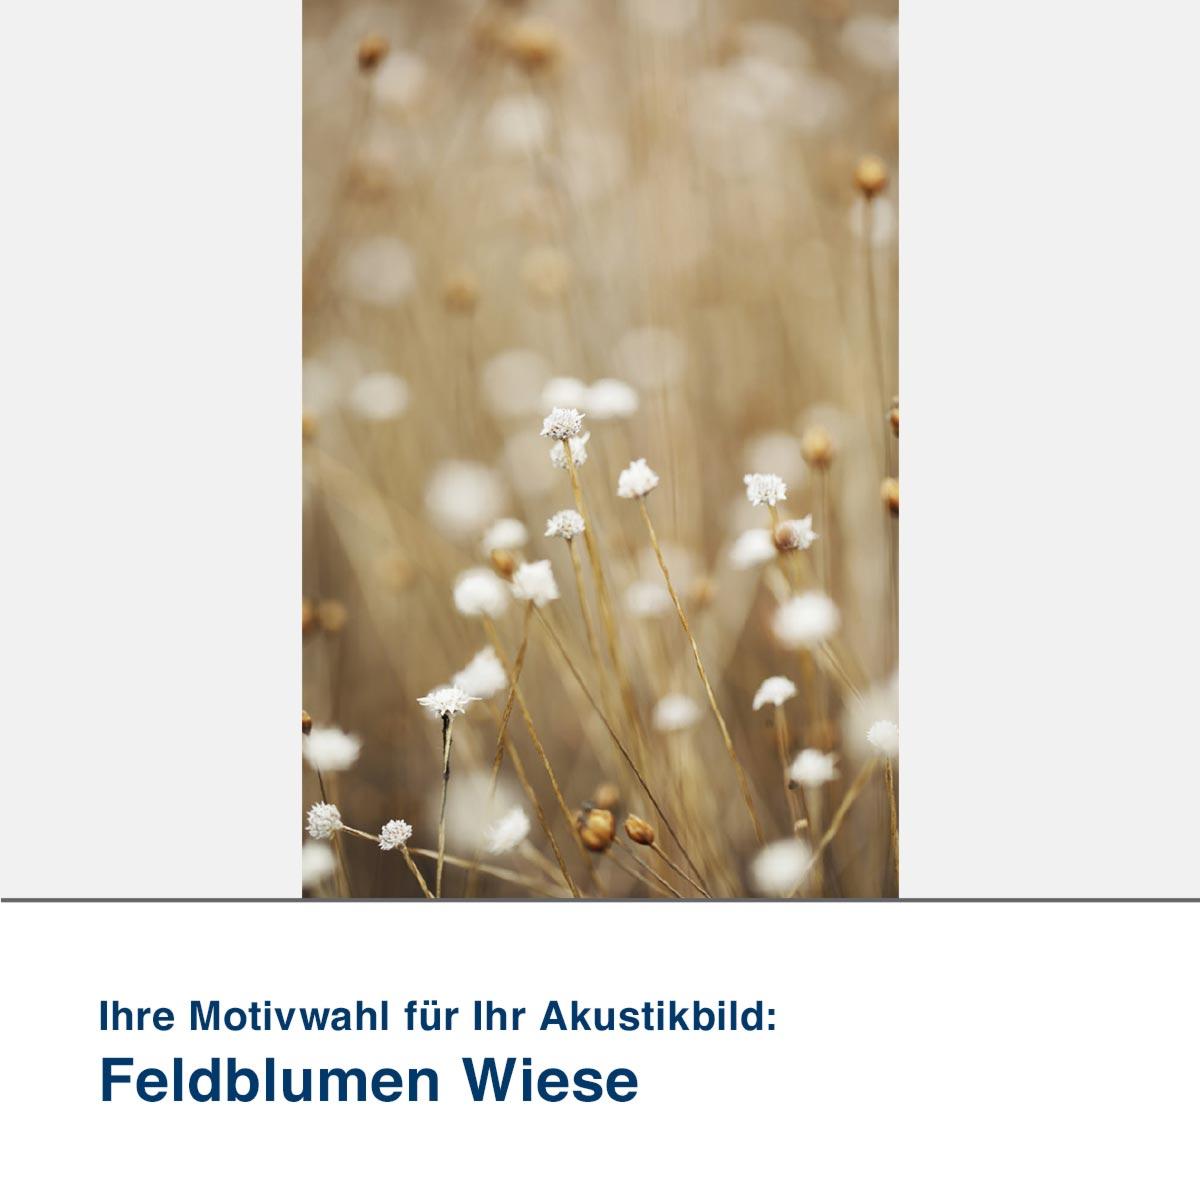 Akustikbild Motiv Feldblumen Wiese